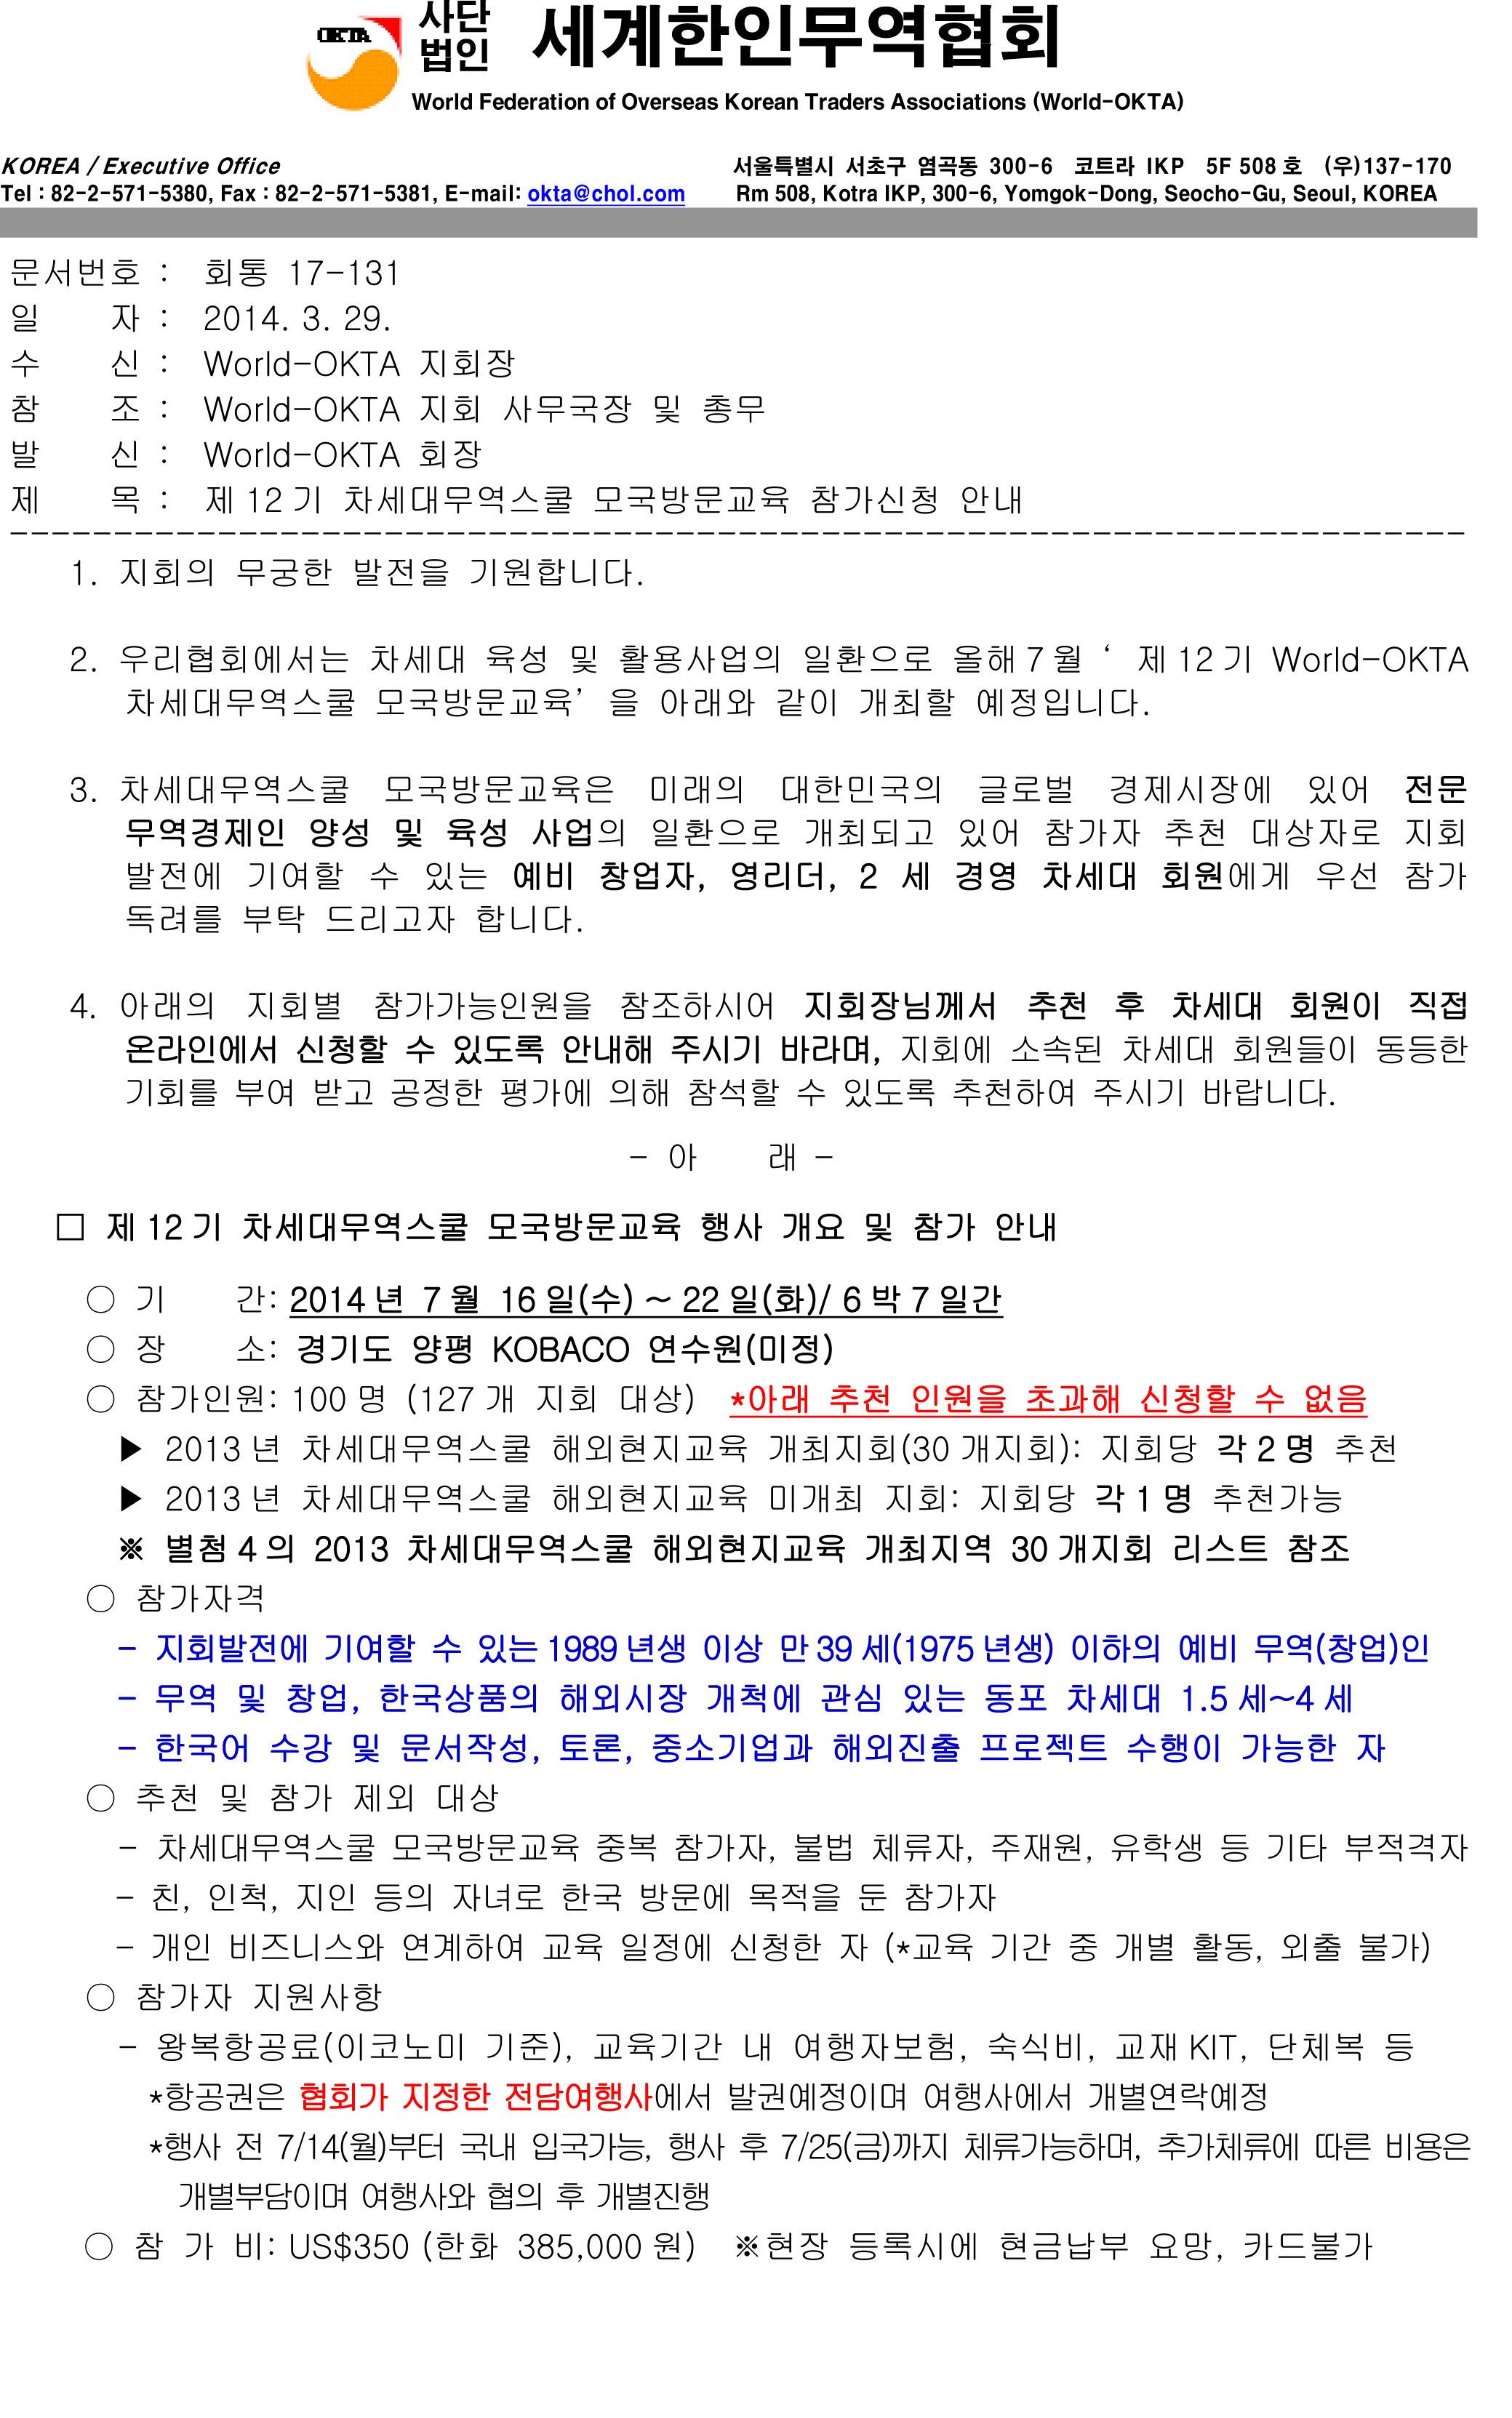 17-131 제12기 차세대무역스쿨 모국방문 신청안내-1.jpg